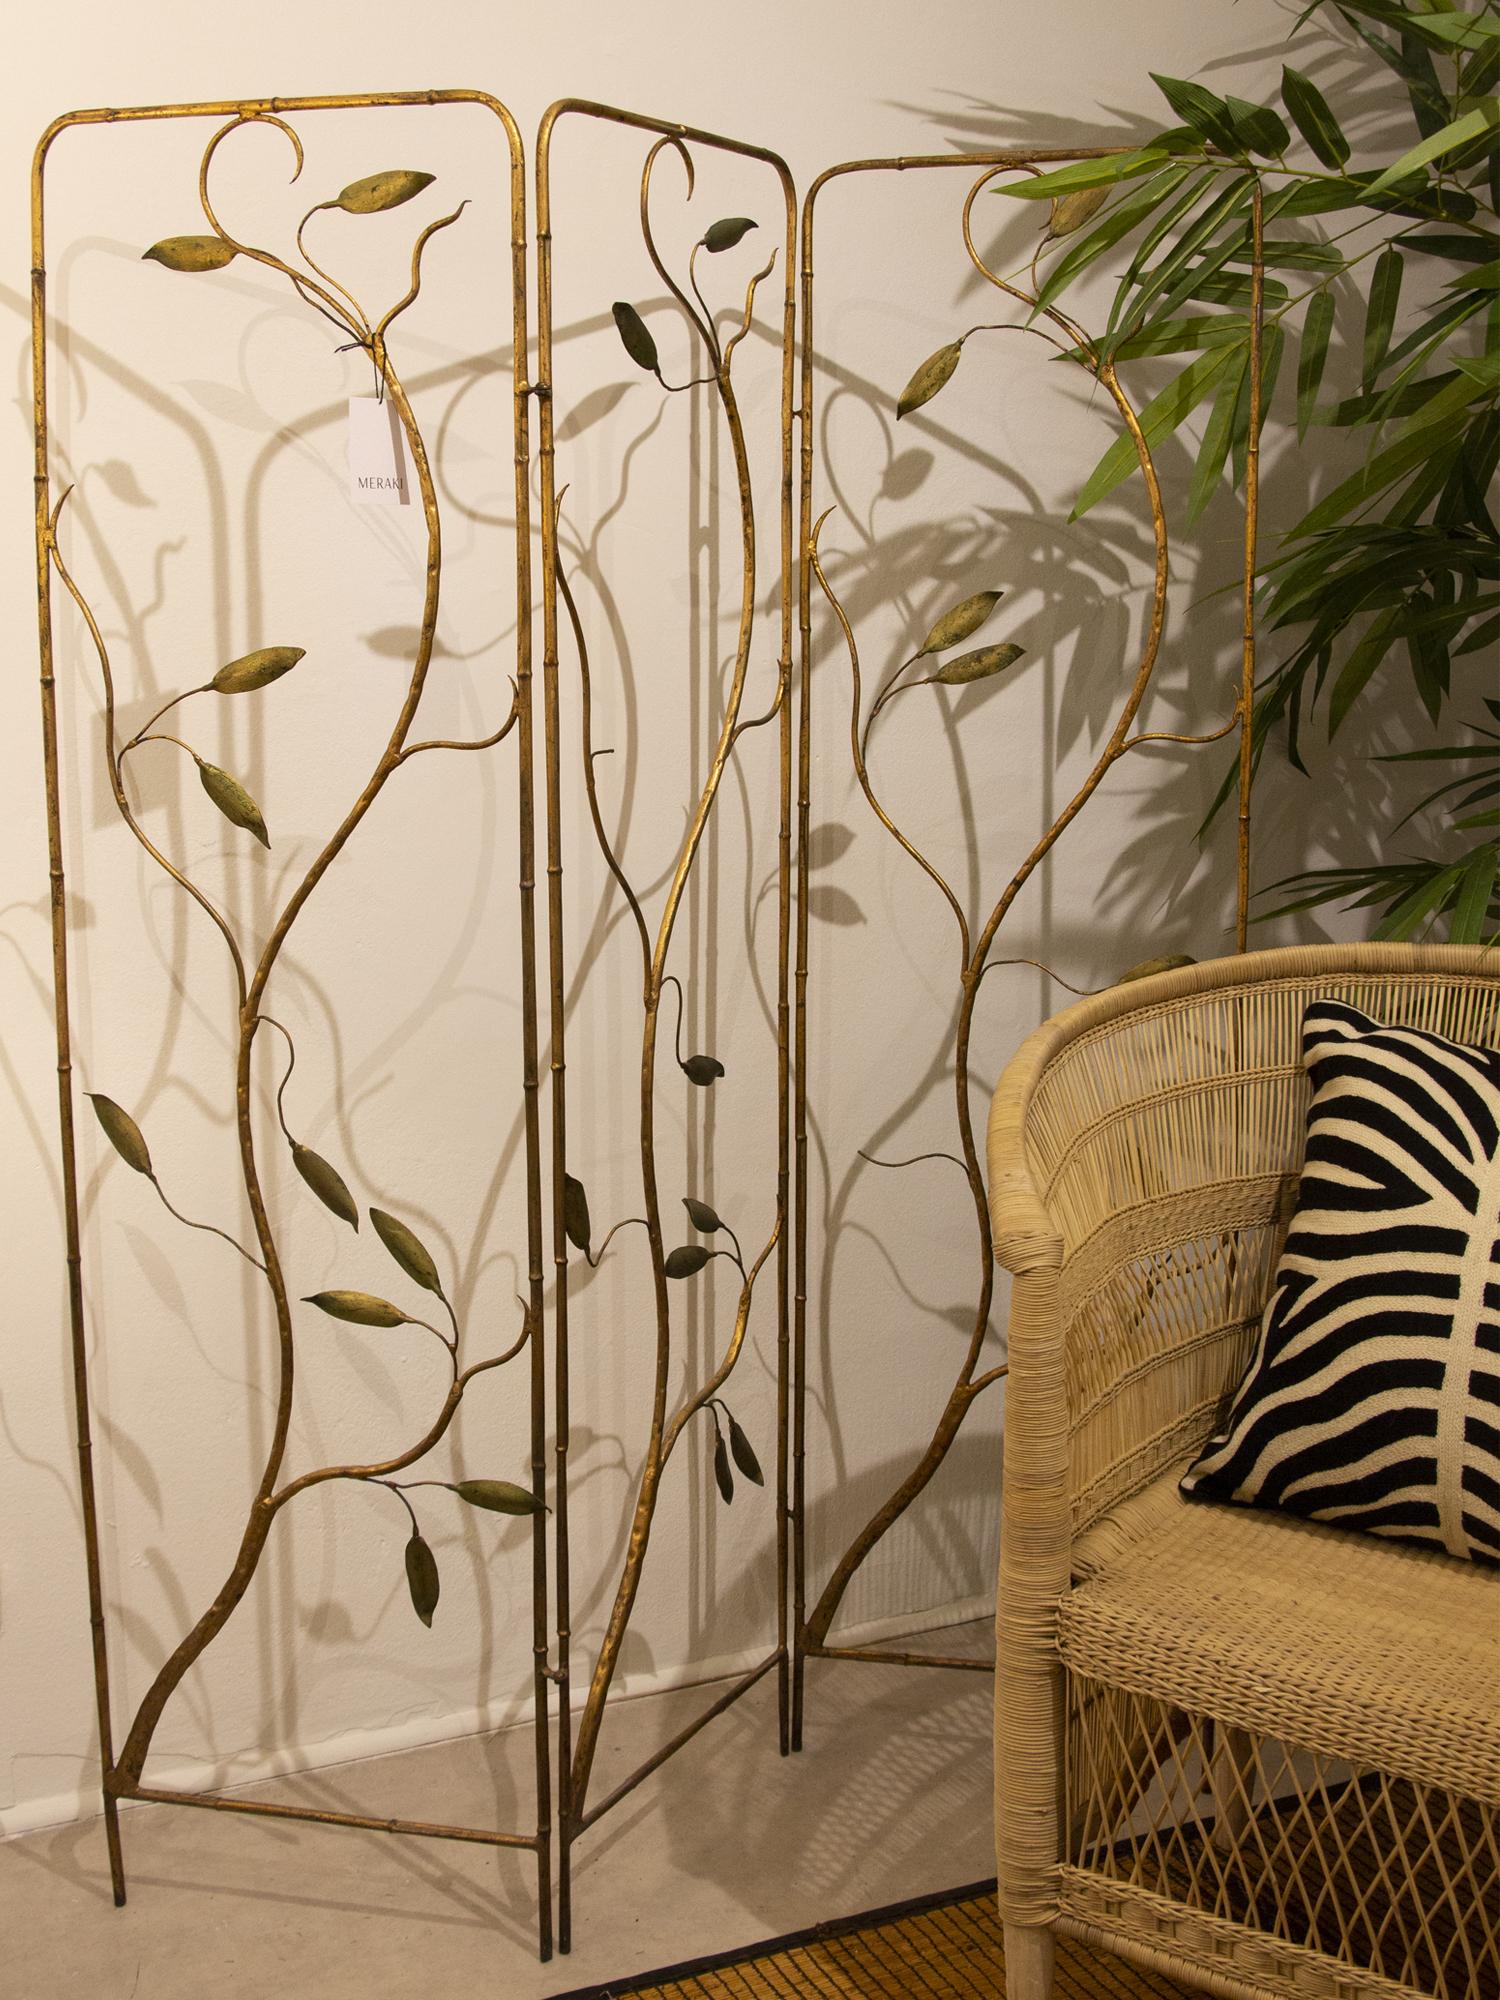 Biombo decorativo en metal dorado con motivos florales